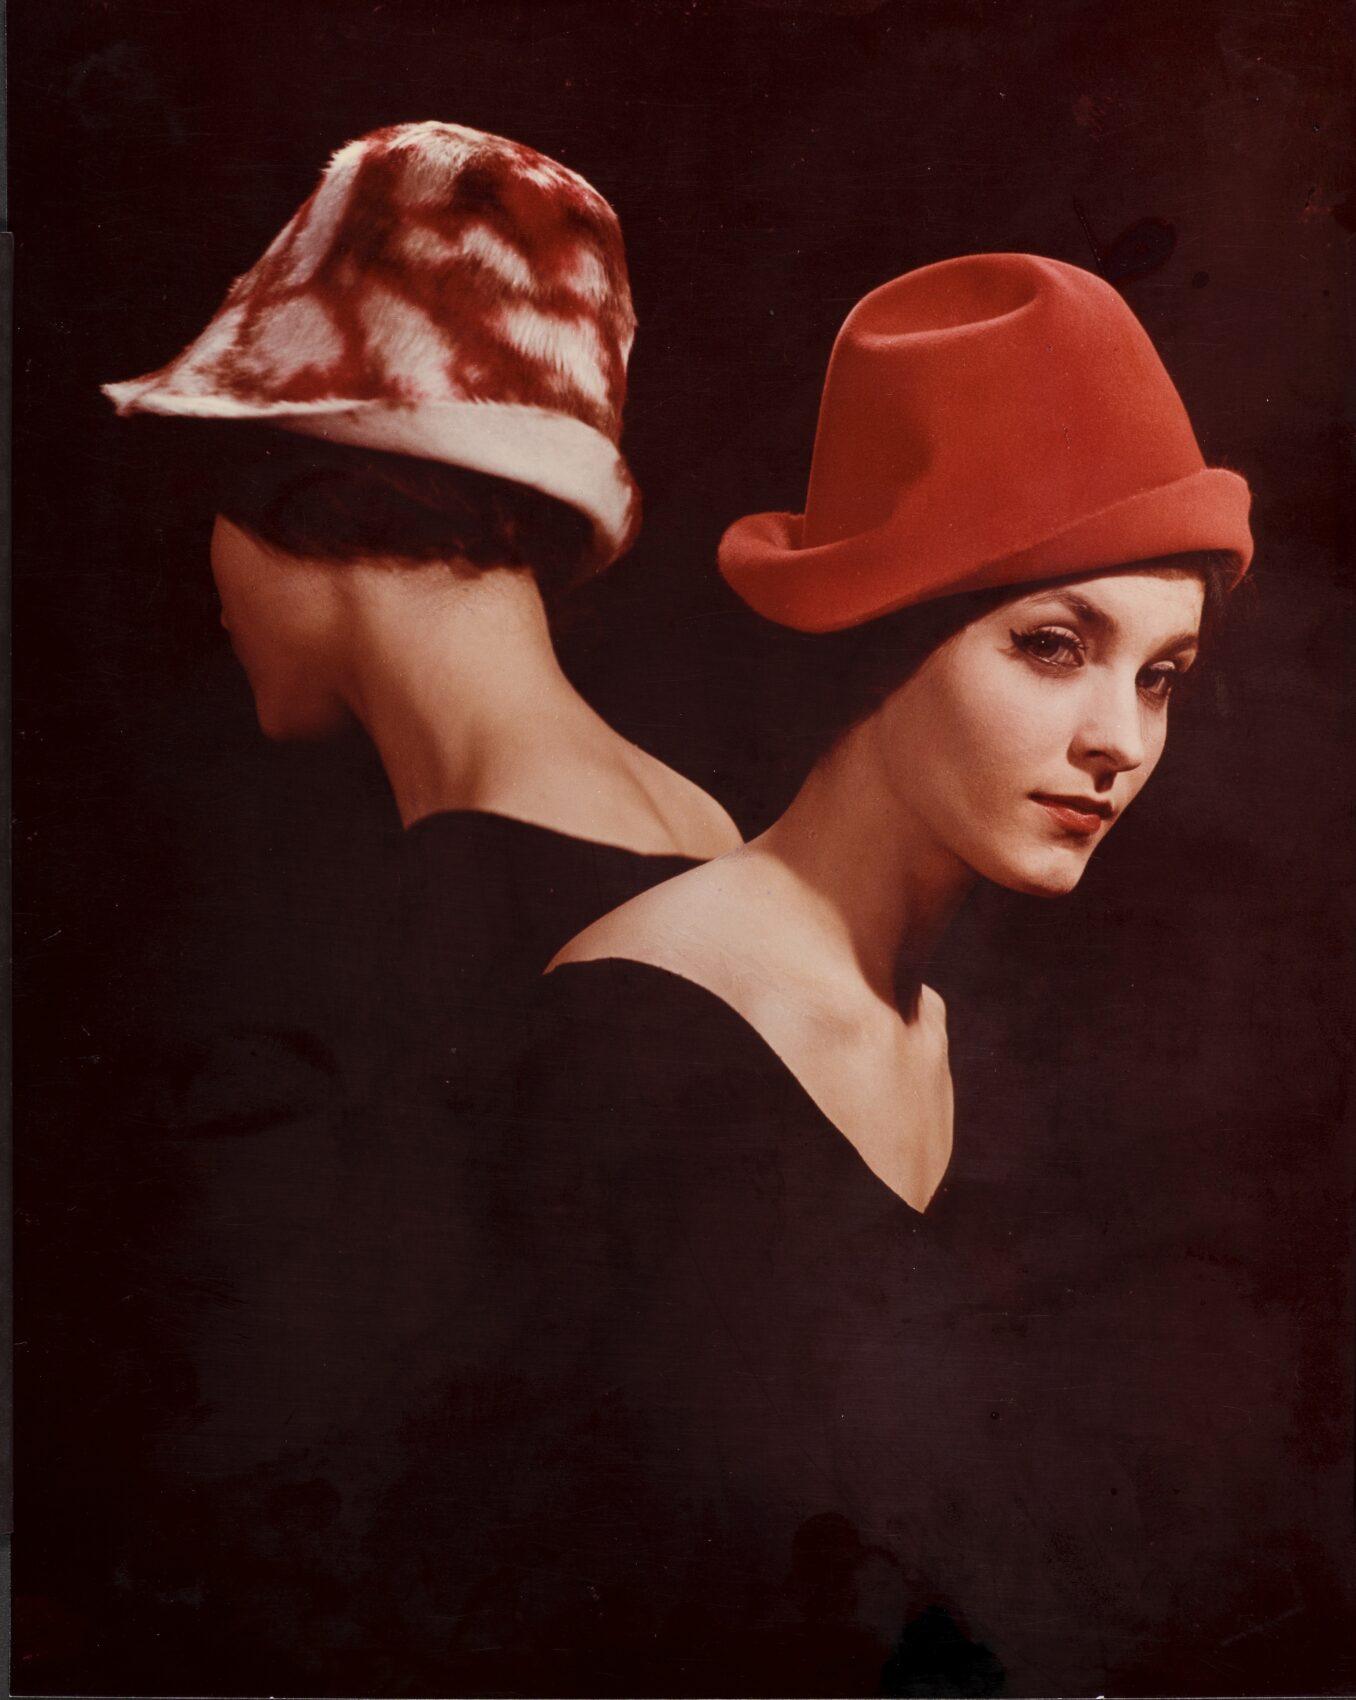 Reklamní fotografie propagující klobouky na hlavách dvou žen, jedna je k objektibu otočena obličejem, jedna zády. Klobouky jsou červené. Barevná fotografie.